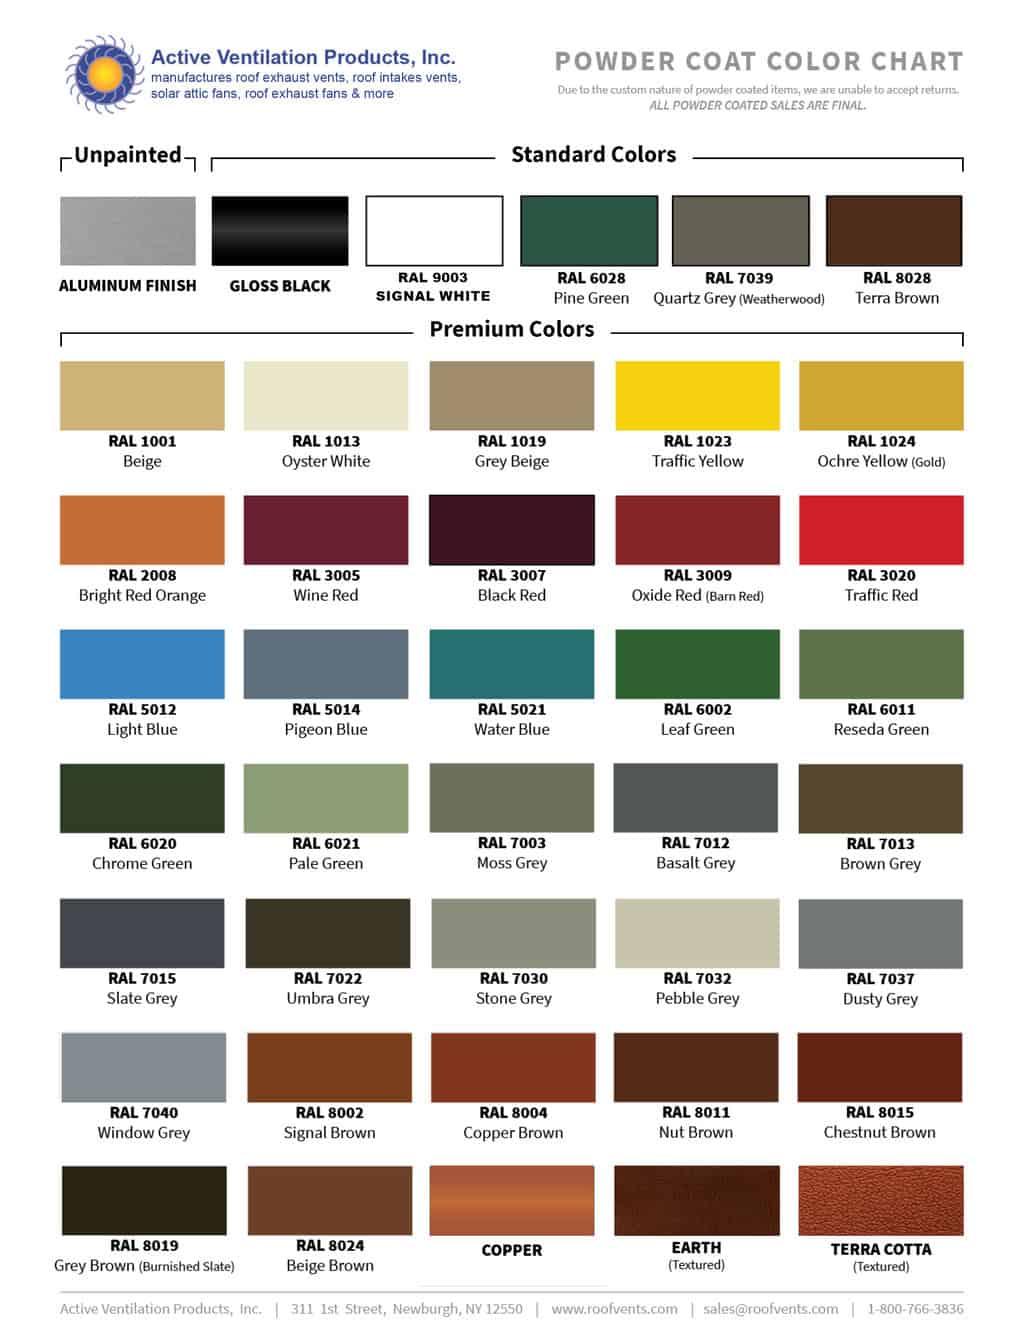 paint color chart - RAL powder coat paint options